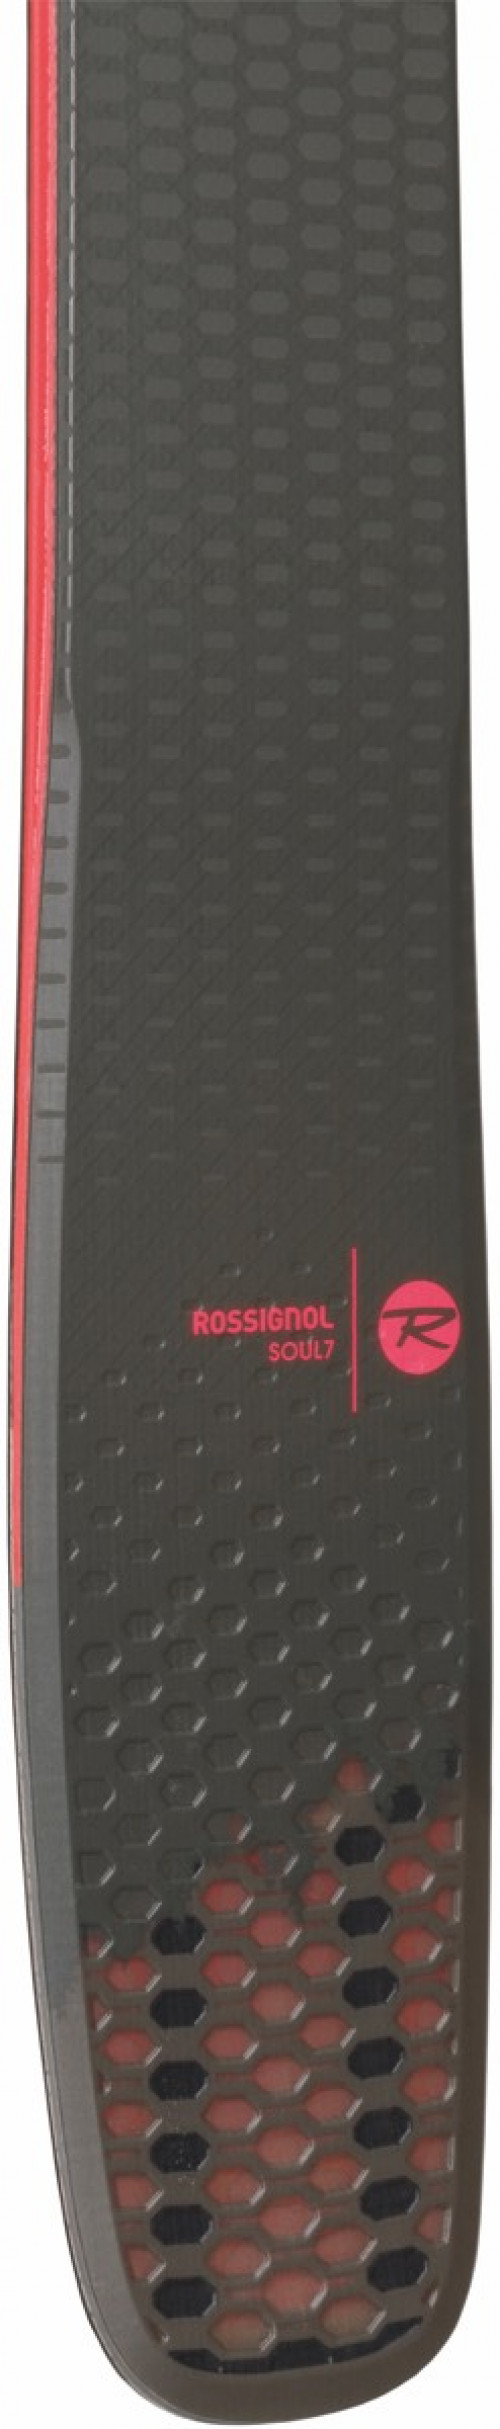 Rossignol Soul 7 Hd W